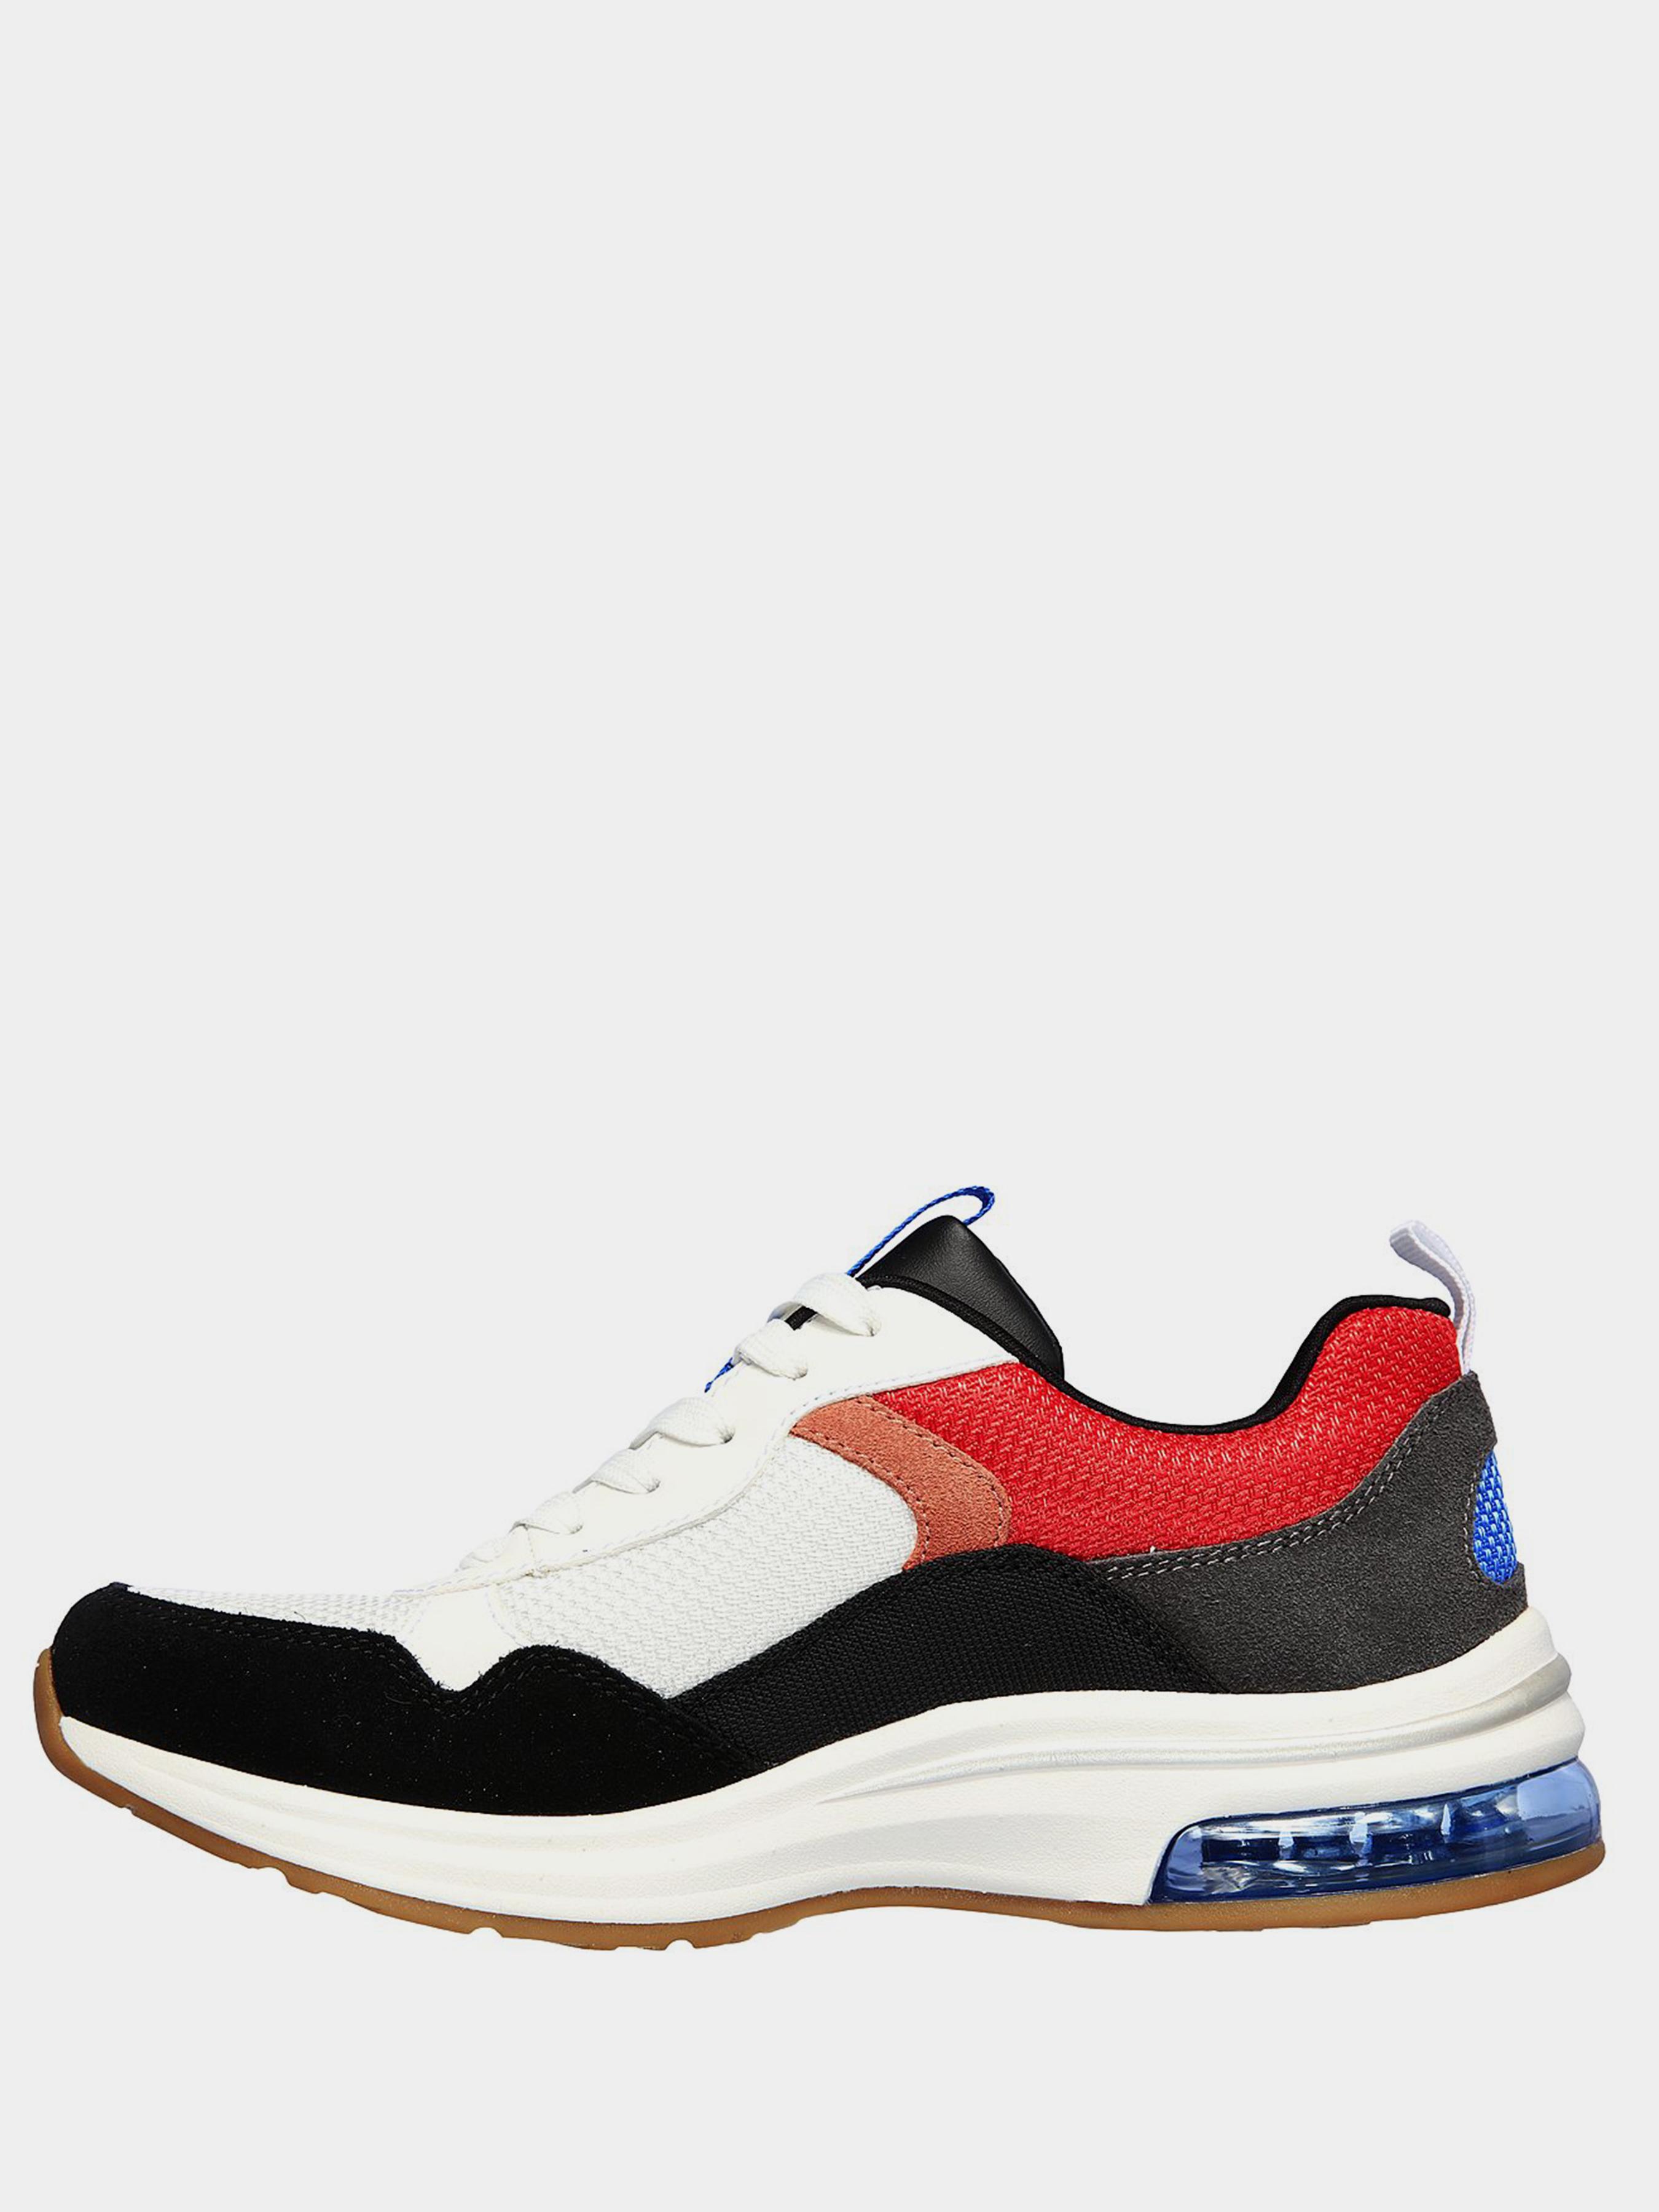 Кросівки для міста Skechers BOBS Sport Pulse Air - Sunrise Song 117035 WBRD